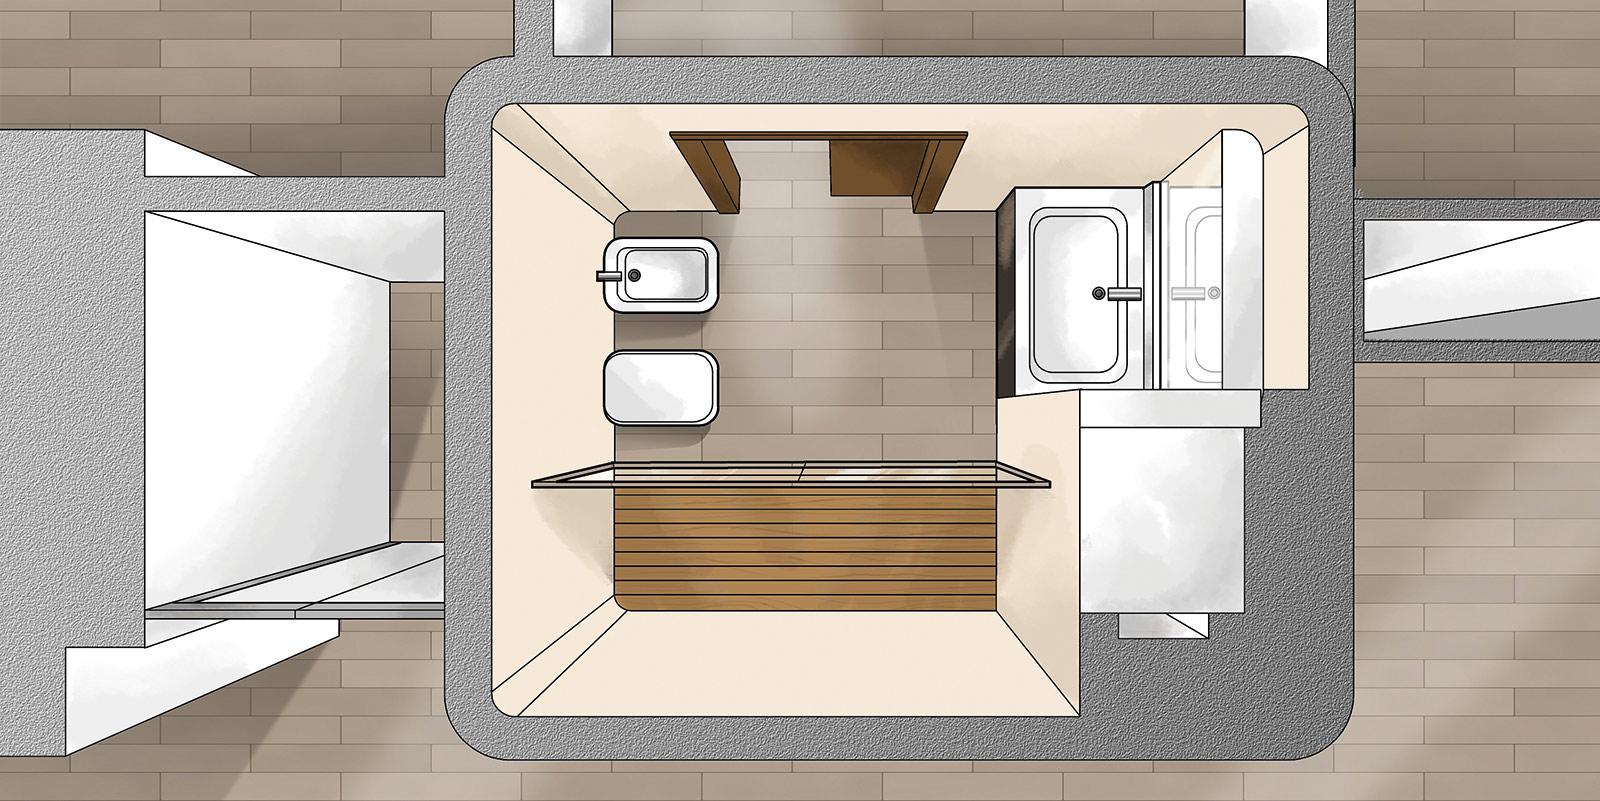 69fd92d884 Disposizione vasche e sanitari per bagno piccolo